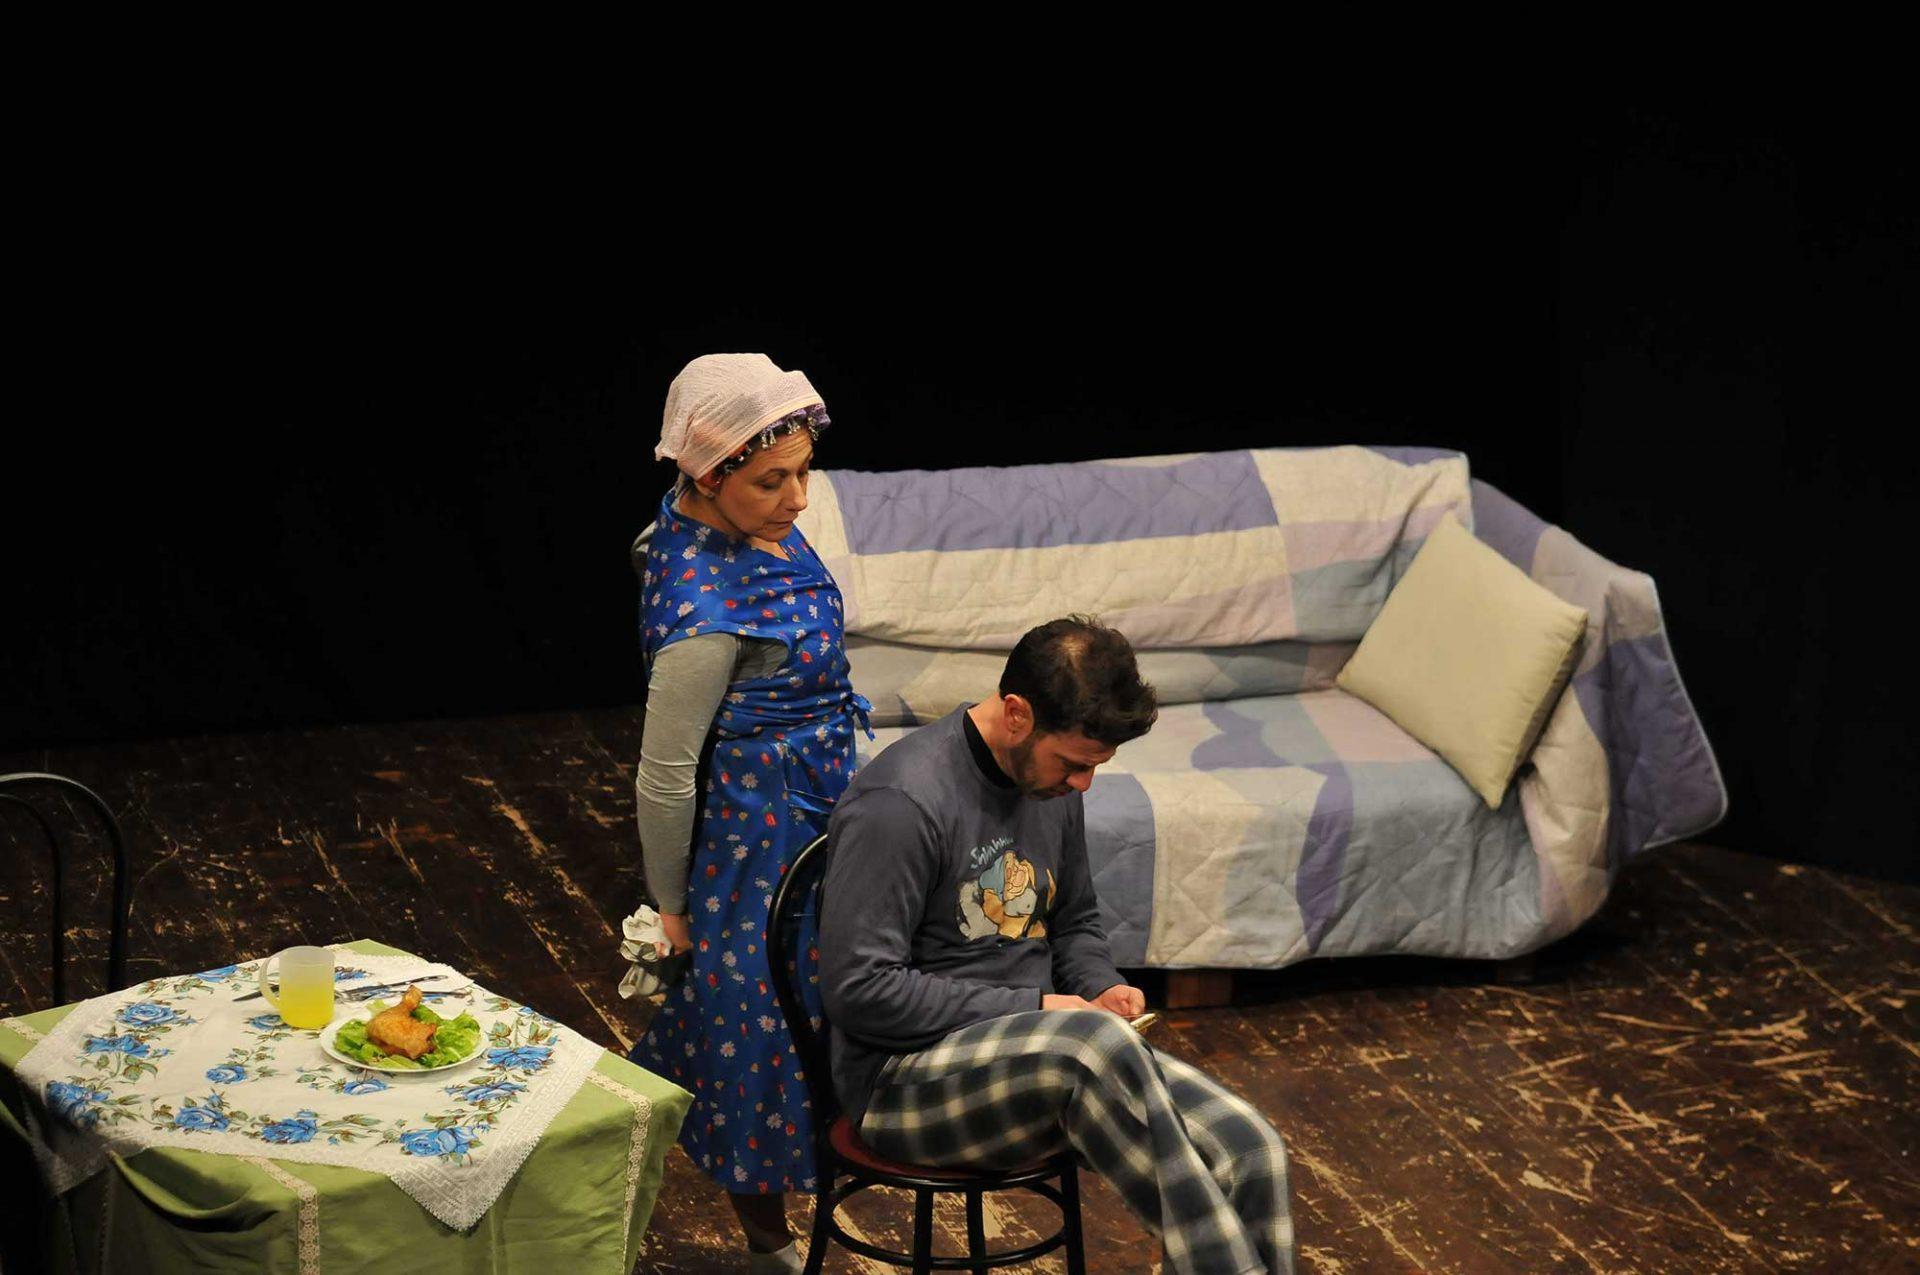 teatro-dialettale-lu-ciele-dendr-na-stenzie-marrucino-2